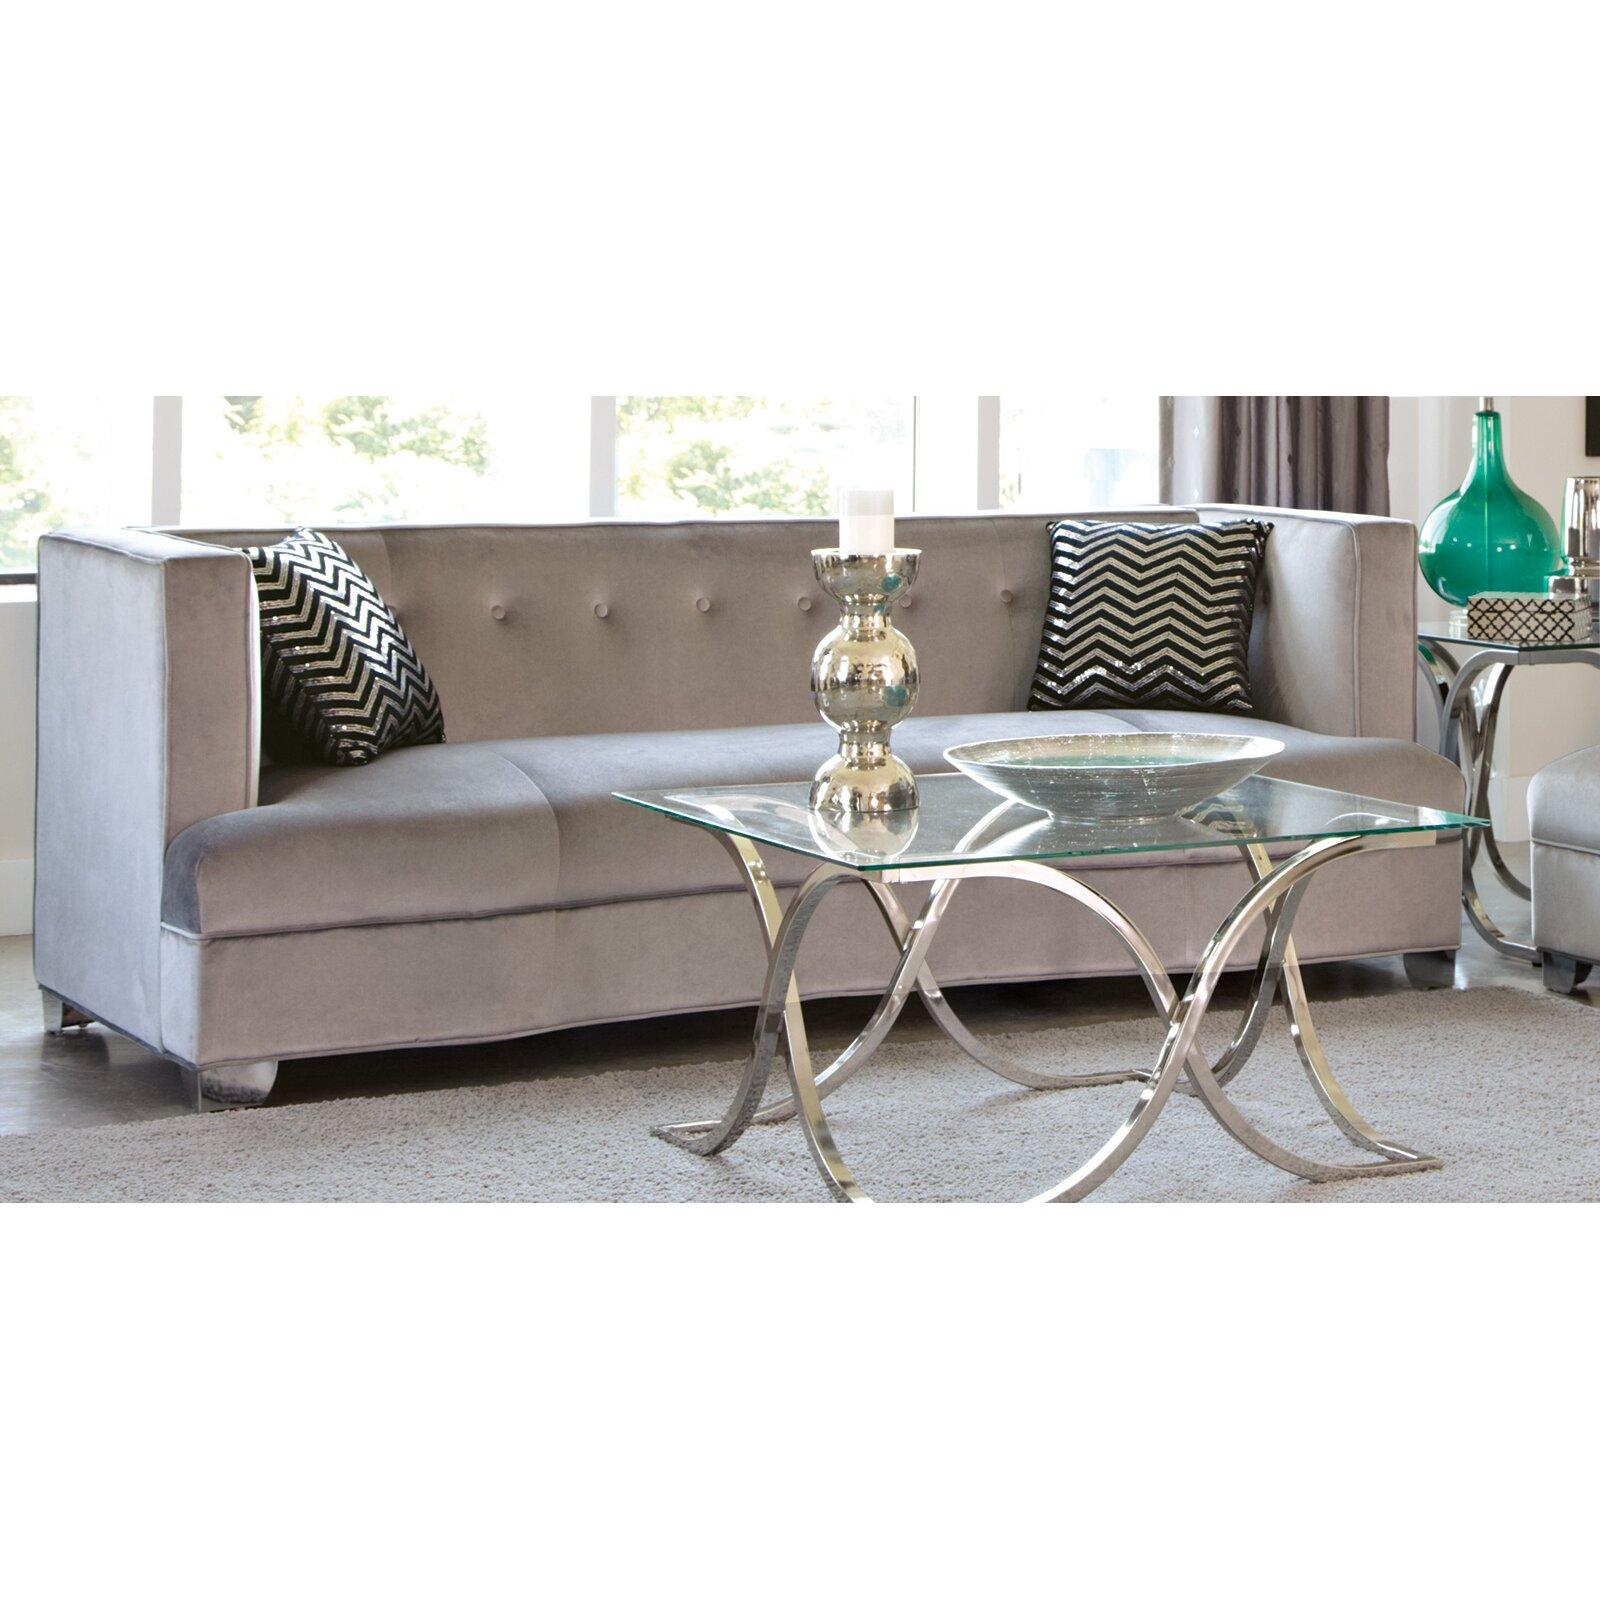 90 Sofa Wesley Hall 555 90 Sofa Our House Designs Nice Sofa